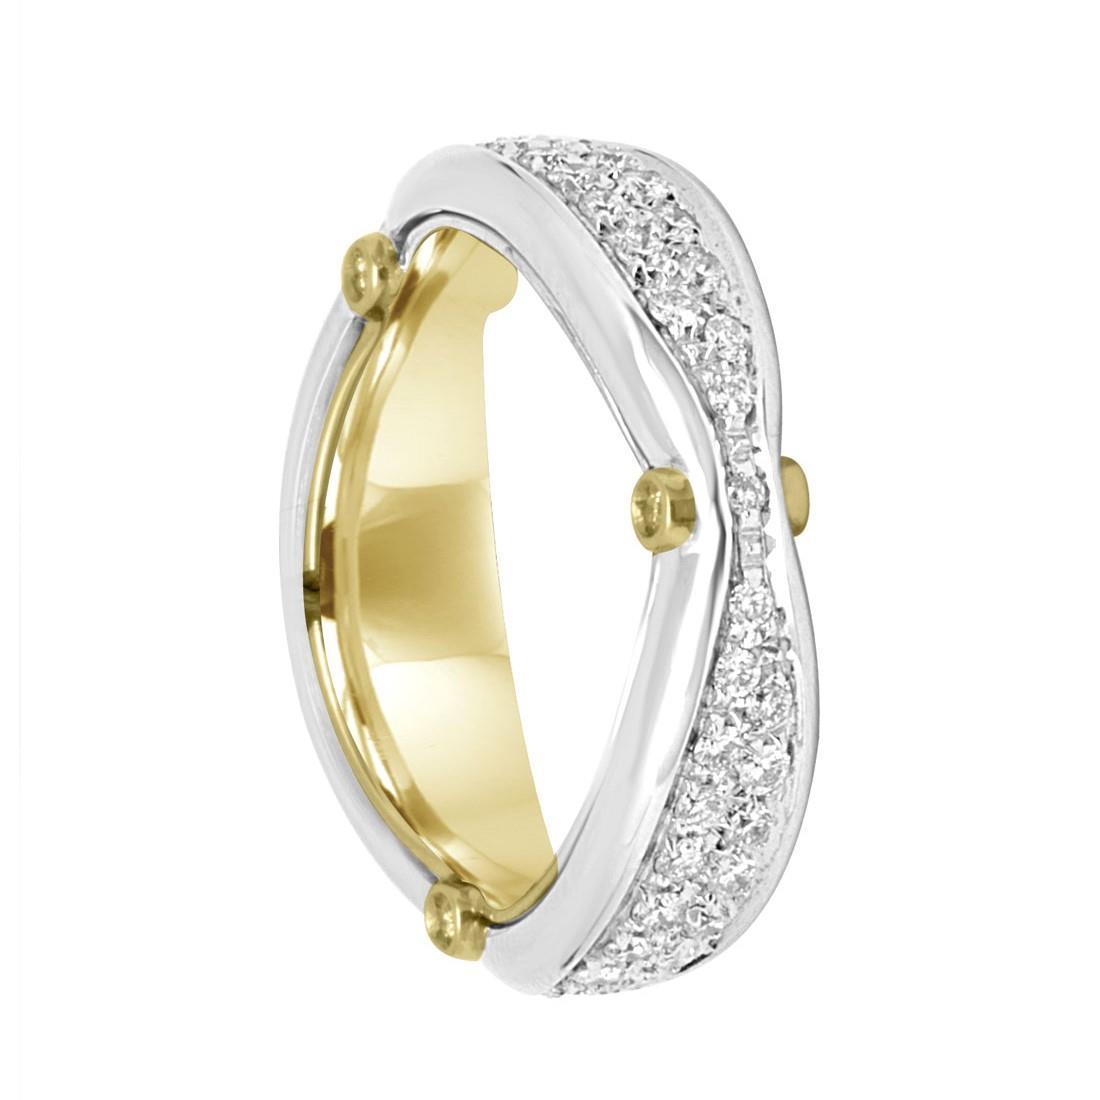 Anello Damiani in oro giallo e bianco con diamanti ct 0,66  - DAMIANI